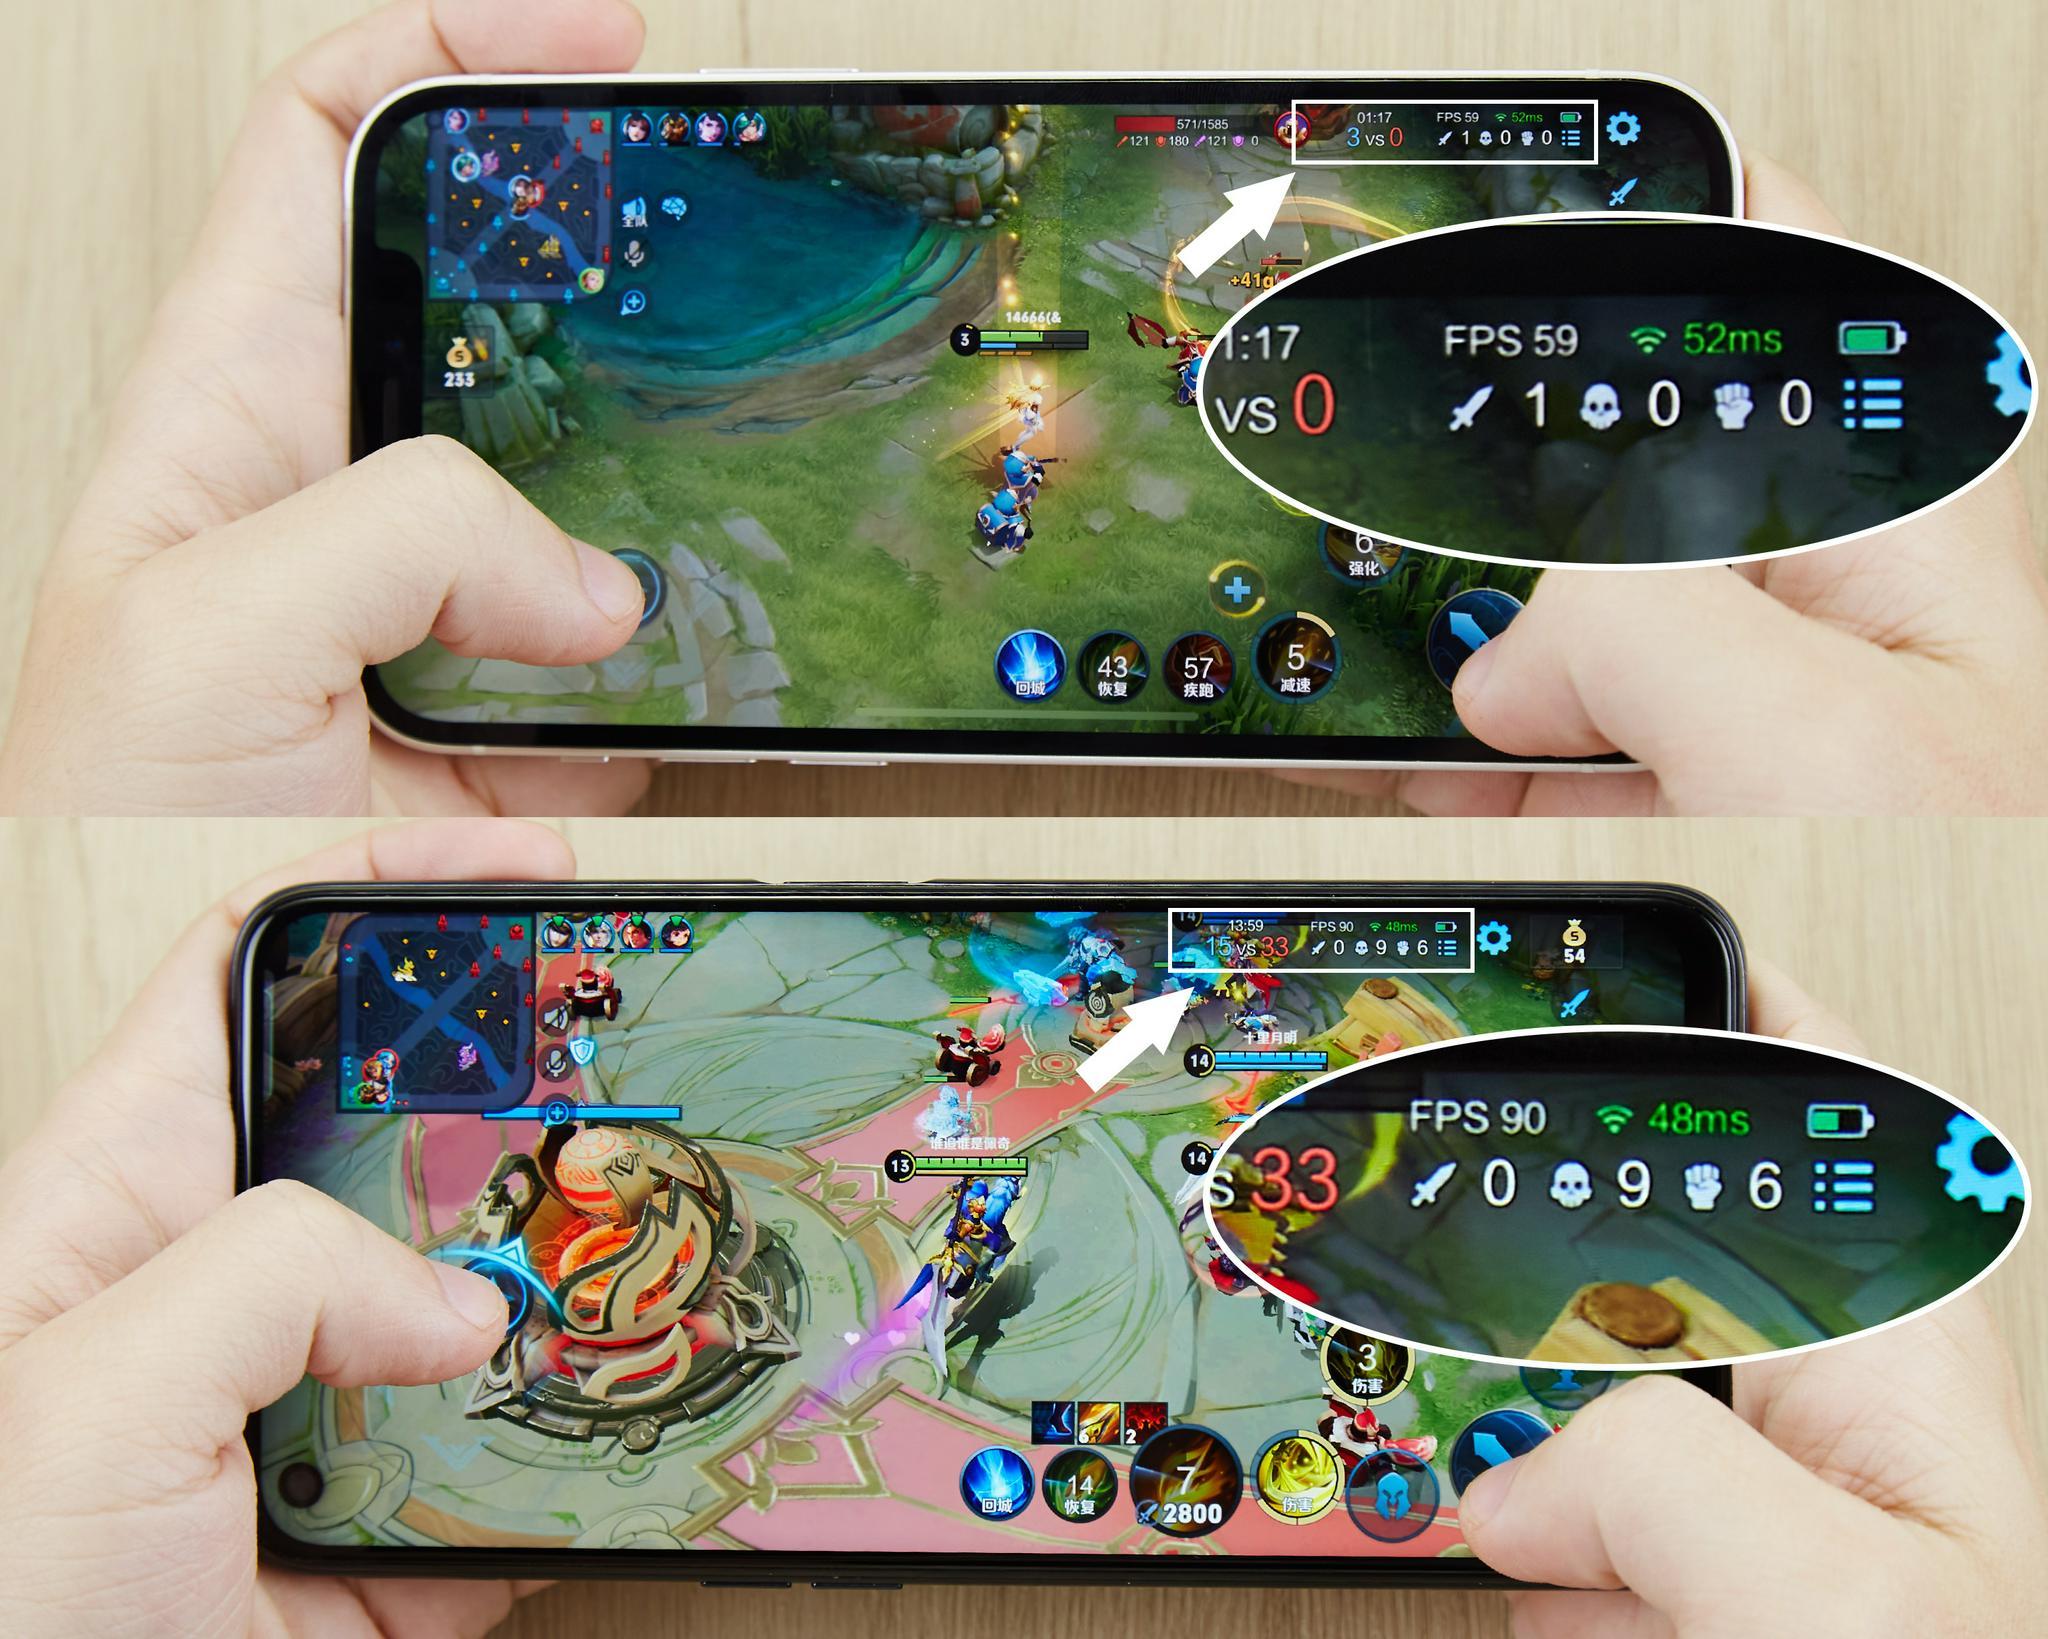 大几千iPhone12游戏体验真拉胯,网友:为什么不入国产千元神机